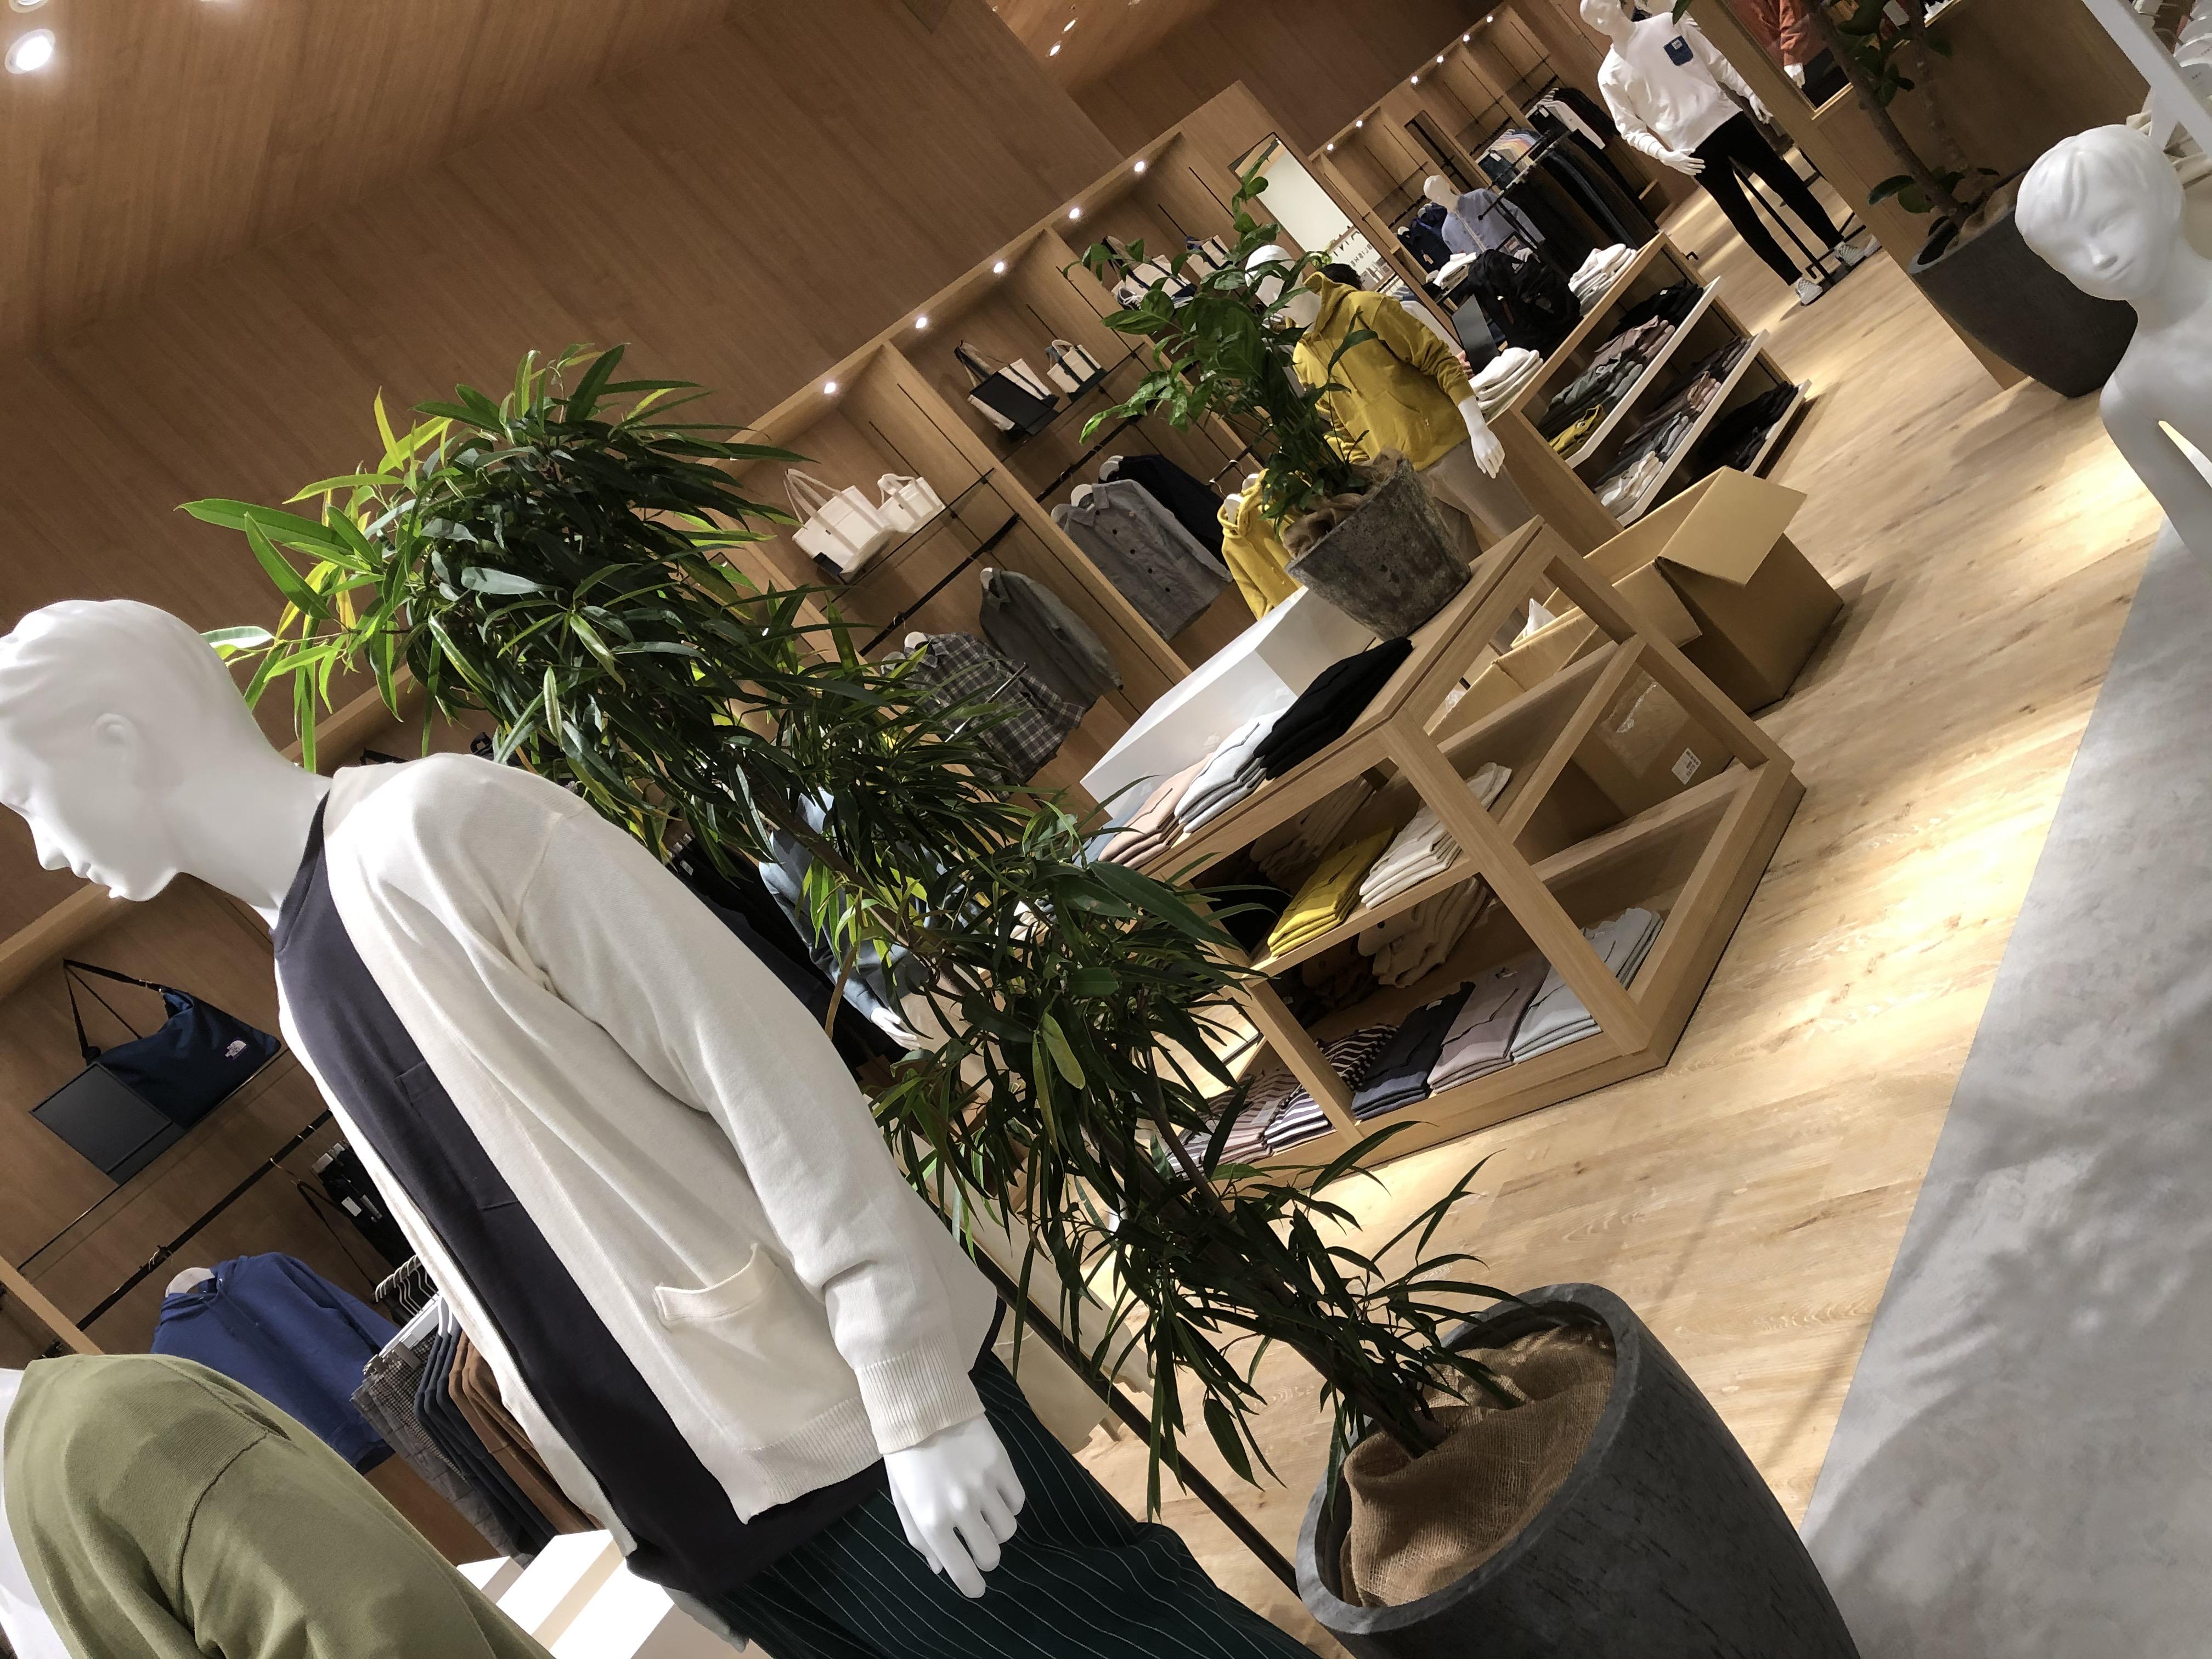 ファッションショップのグリーンコーディネート